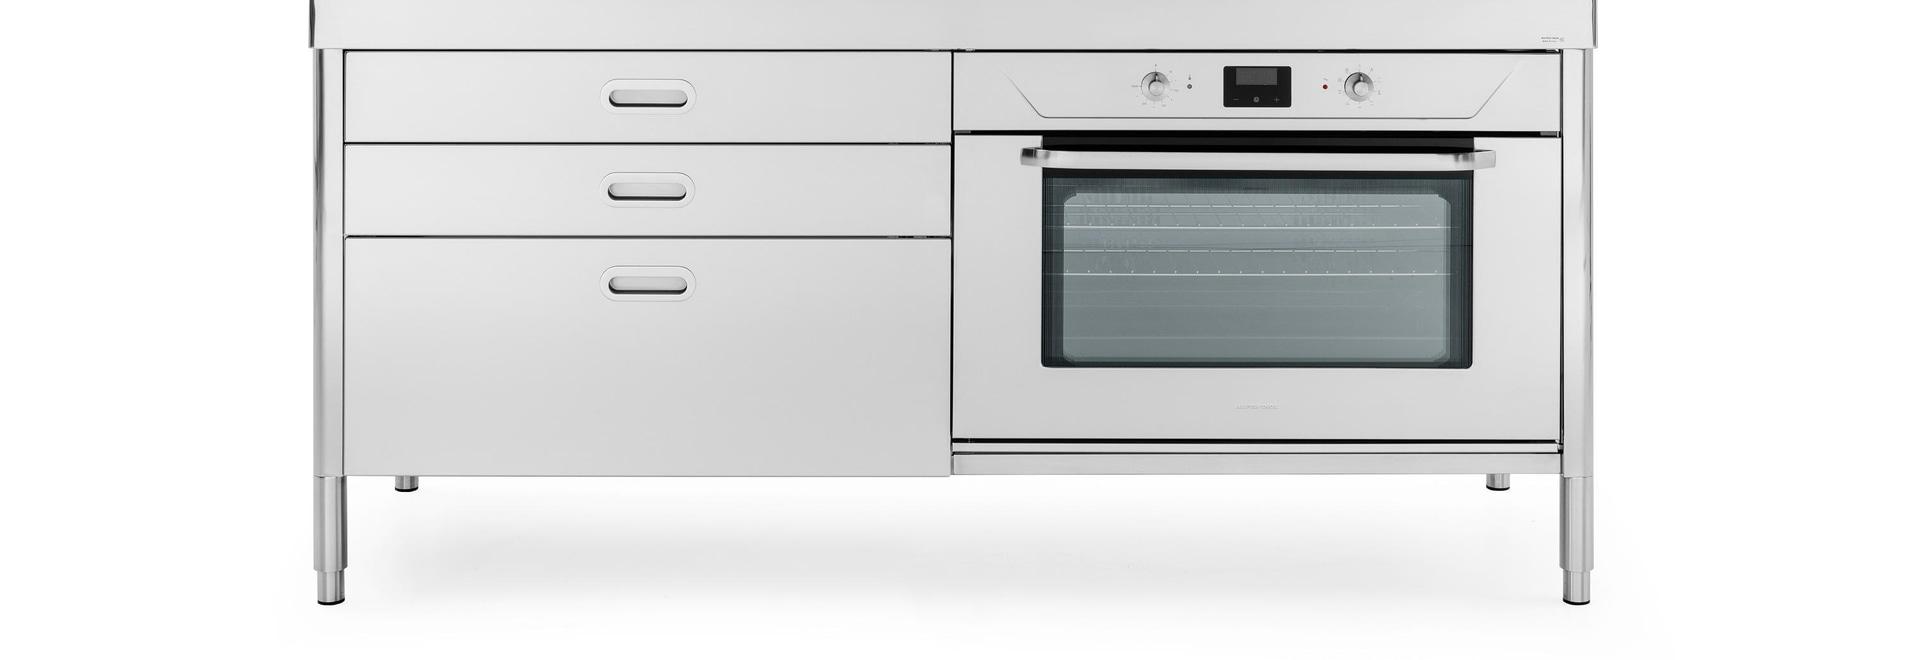 cuisson de l'élément 190